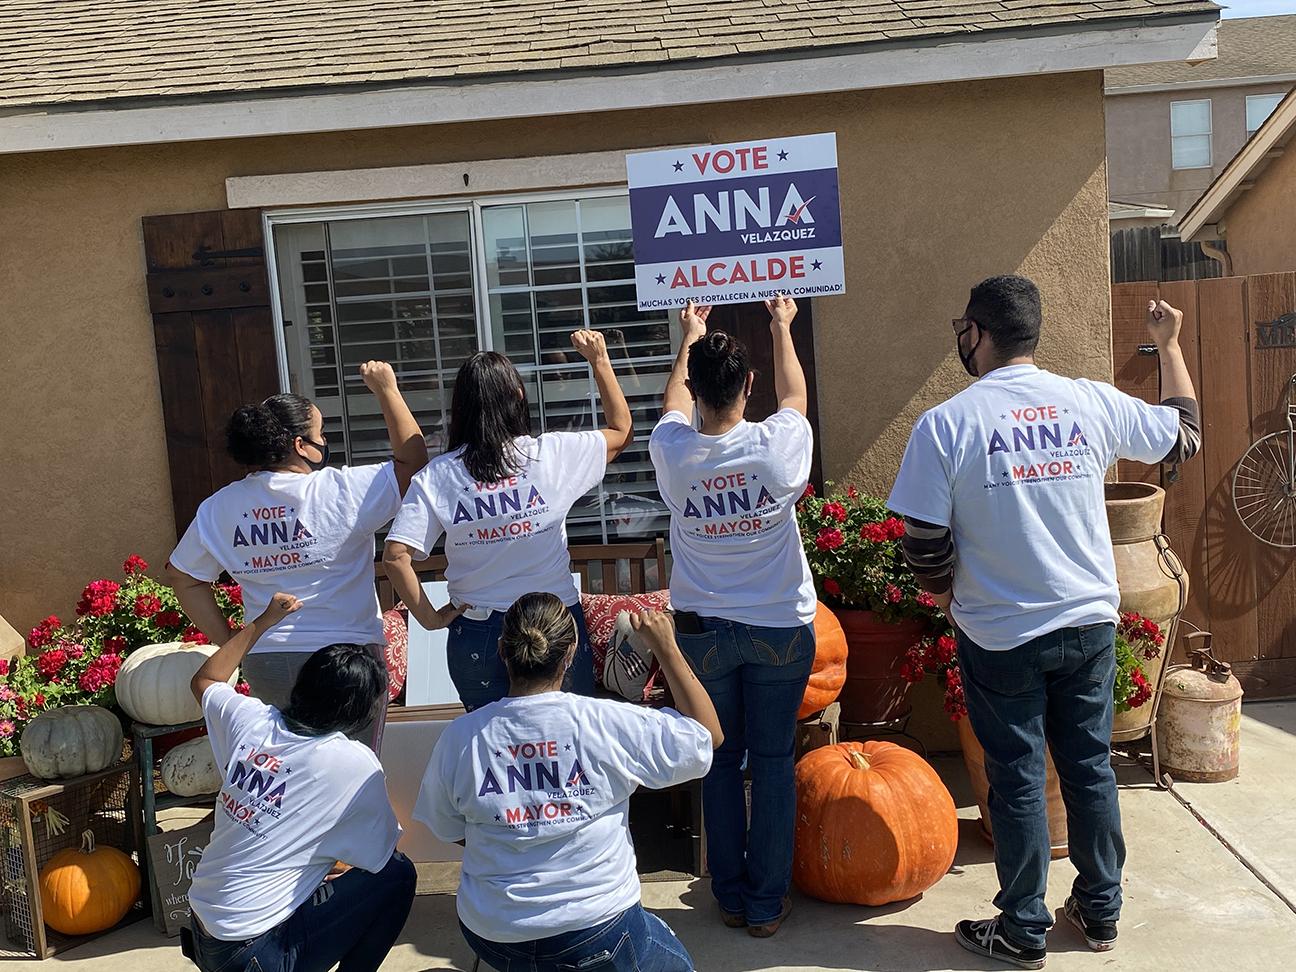 anna-velazquez.vote-anna